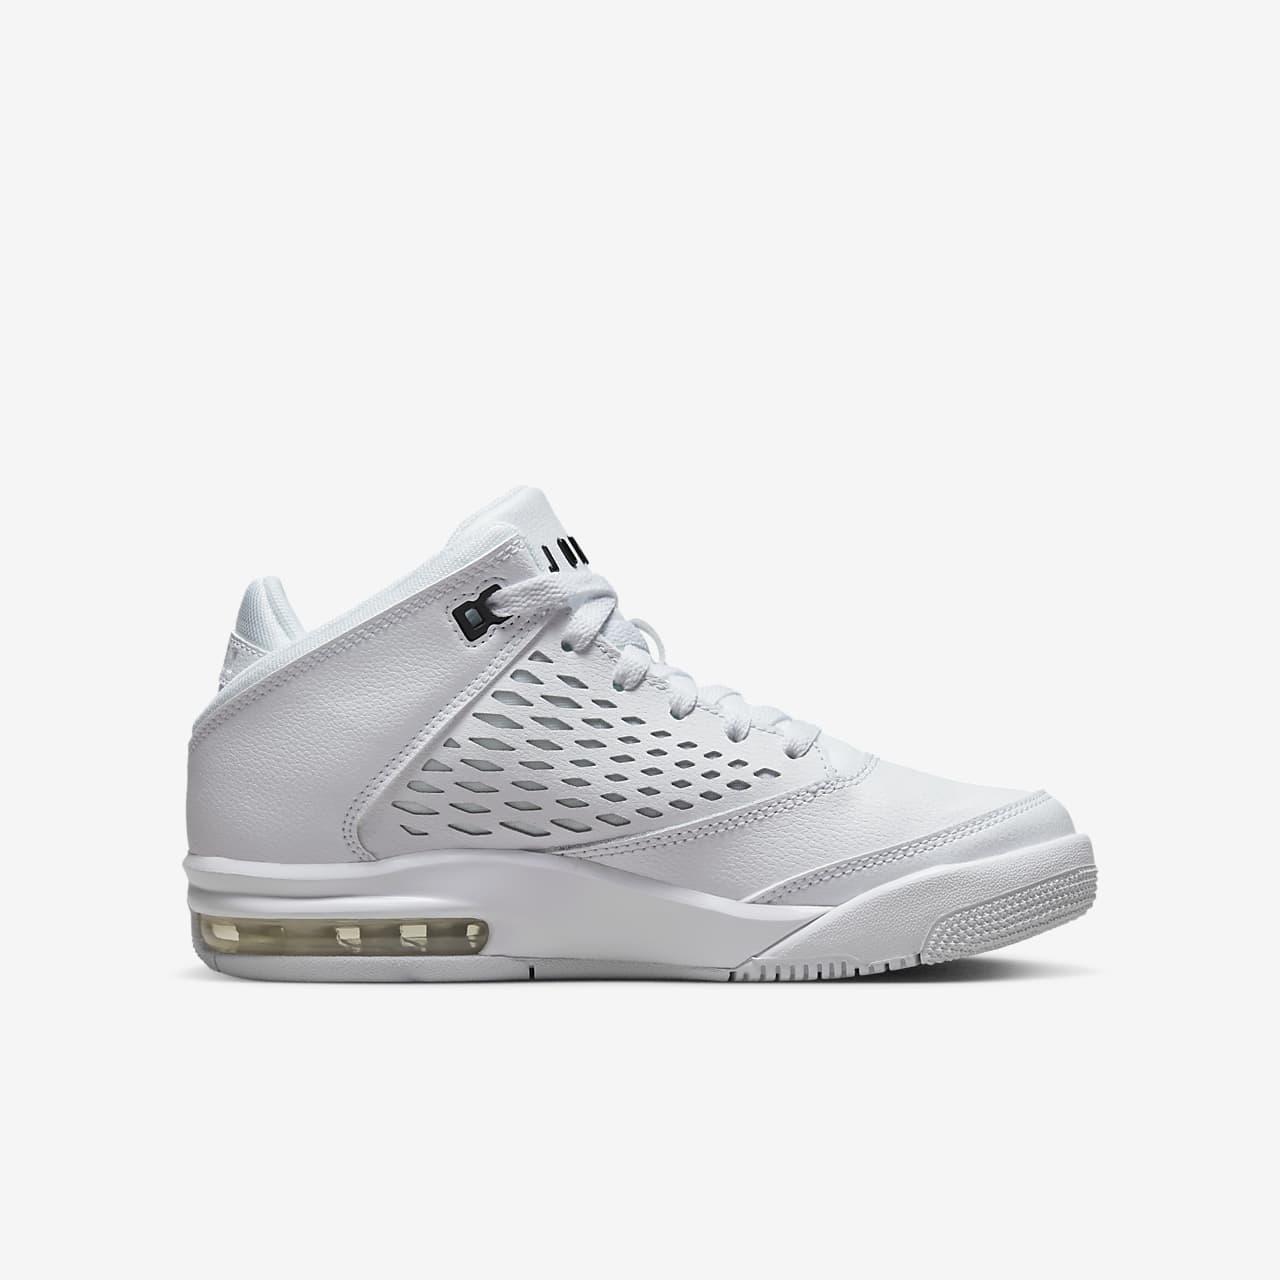 ... Chaussure Jordan Flight Origin 4 pour Enfant plus ?gé